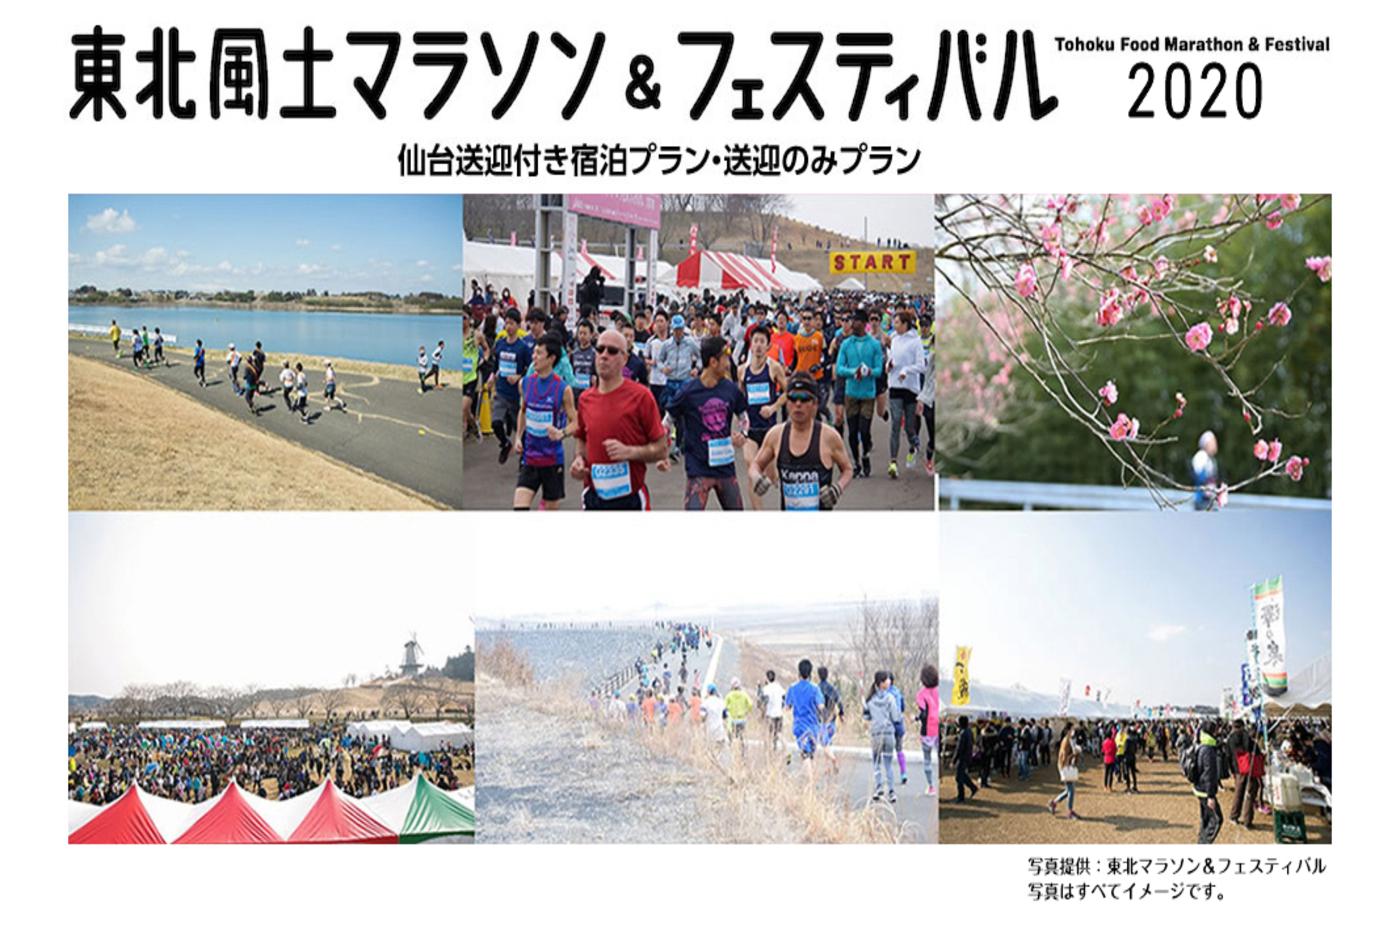 東北風土マラソン&フェスティバル   宮城県